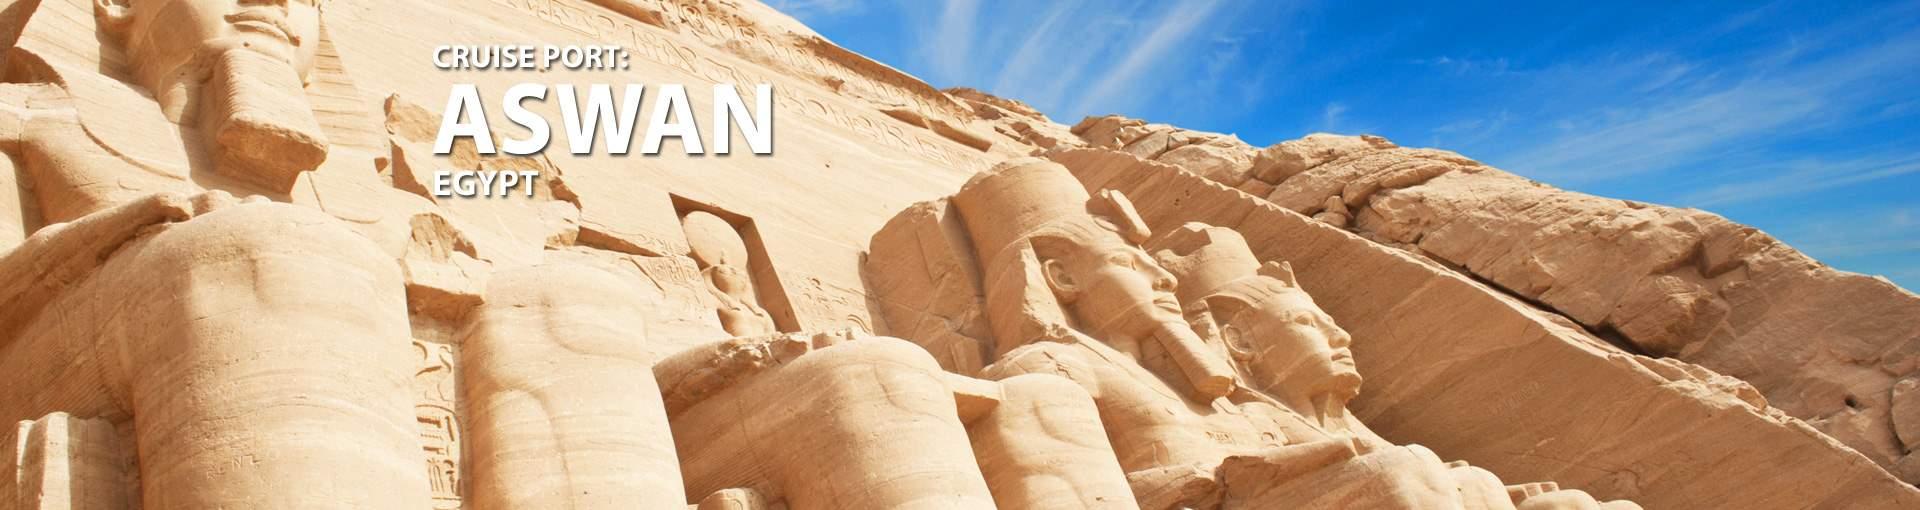 Cruises to Aswan, Egypt